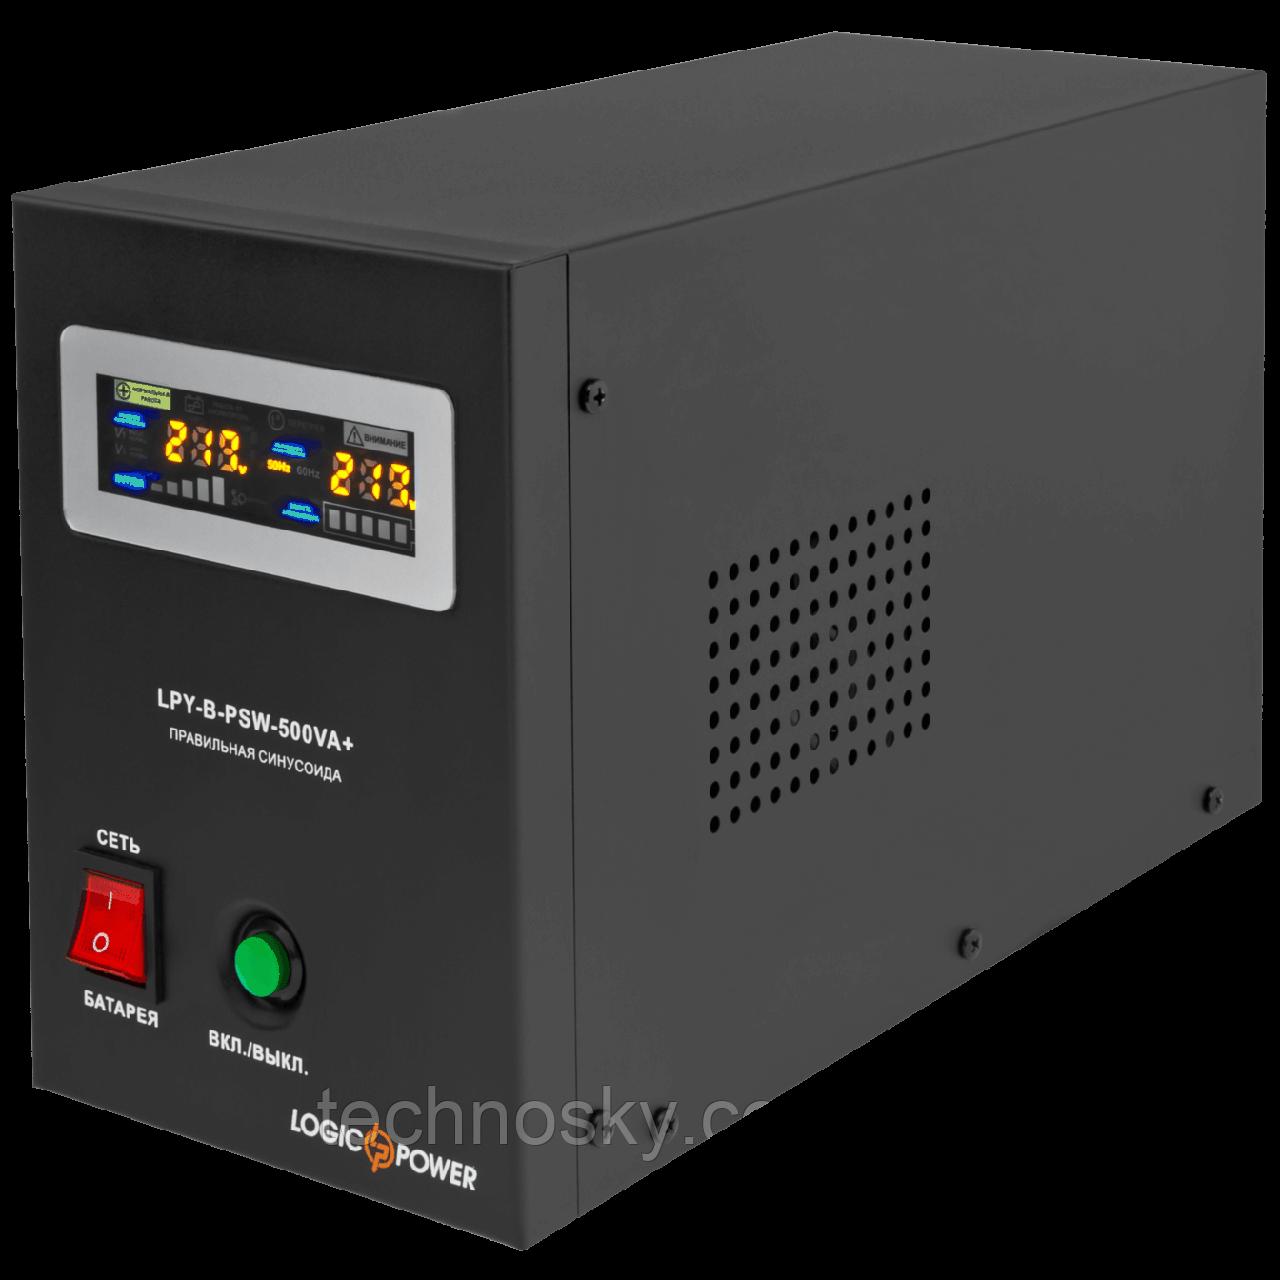 Источник бесперебойного питания LogicPower LPY-B-PSW-500VA +